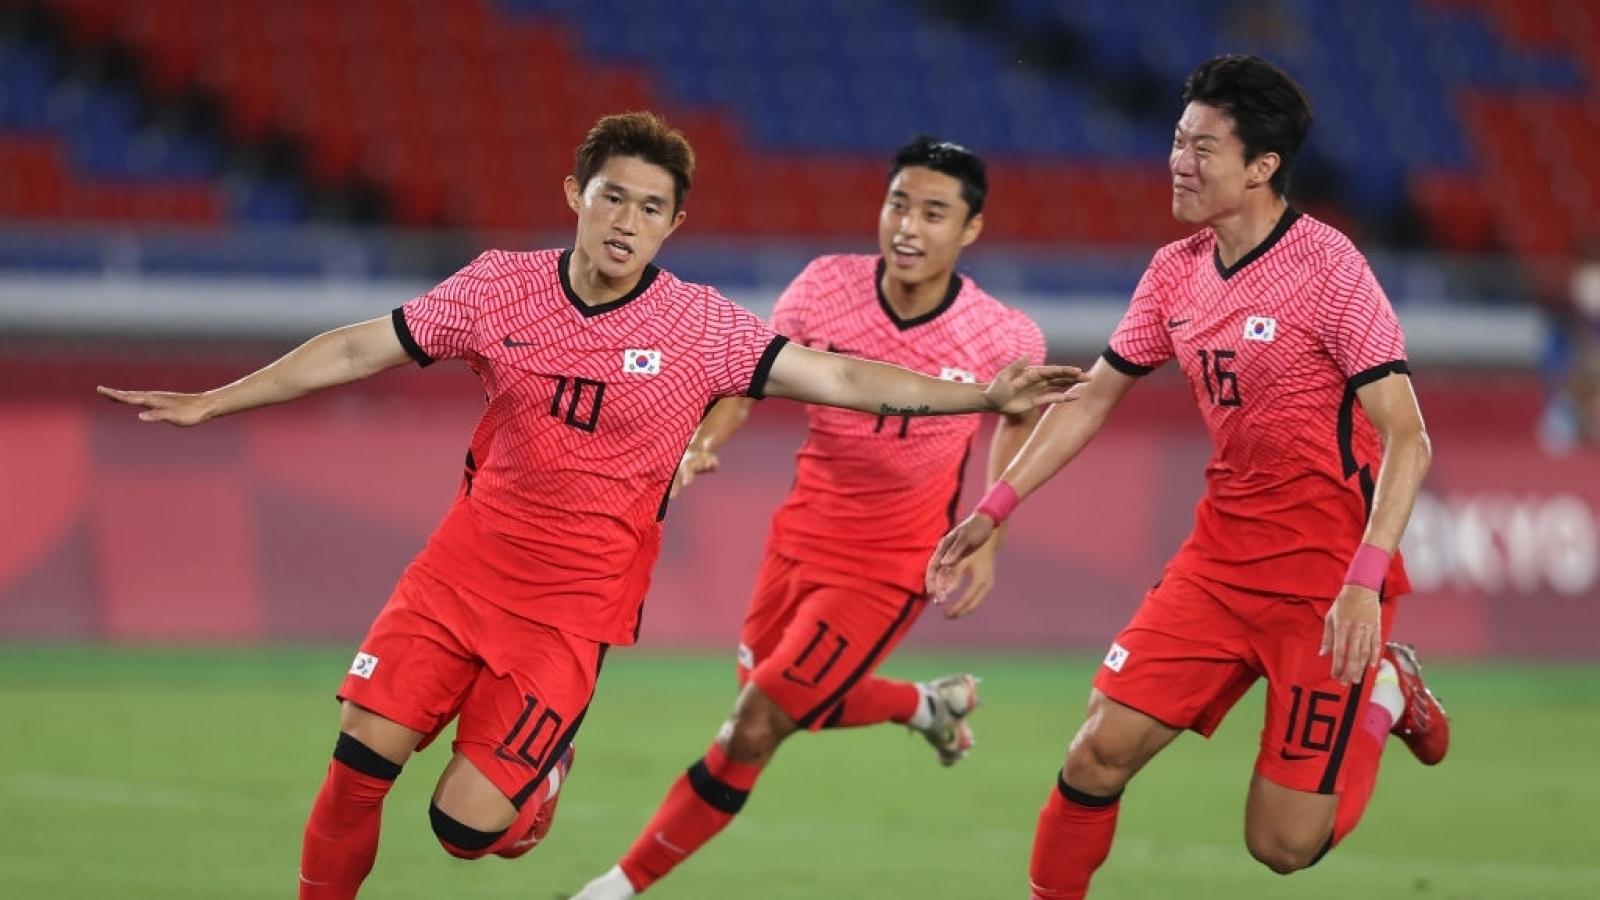 TRỰC TIẾP Hàn Quốc 2-3 Mexico: Lee Dong Gyeong lại ghi siêu phẩm